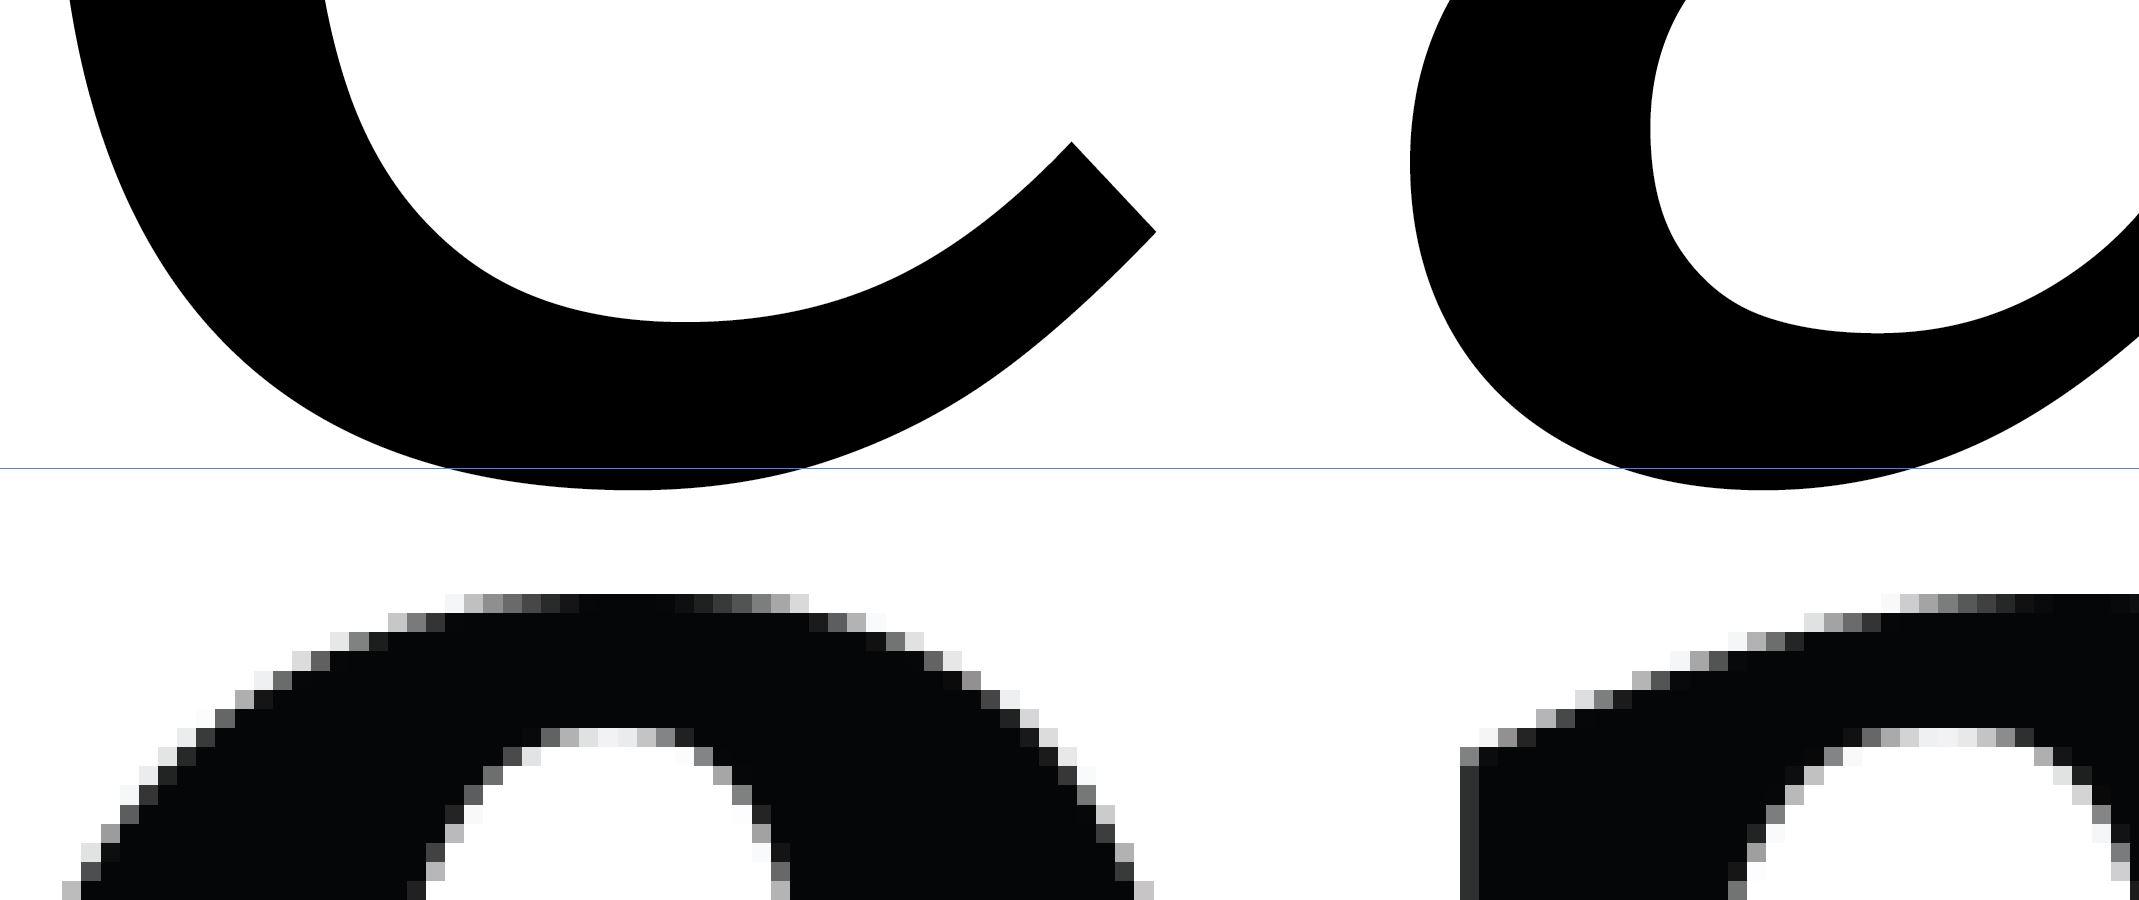 droga menom illustrator - krivky vs raster na príklade